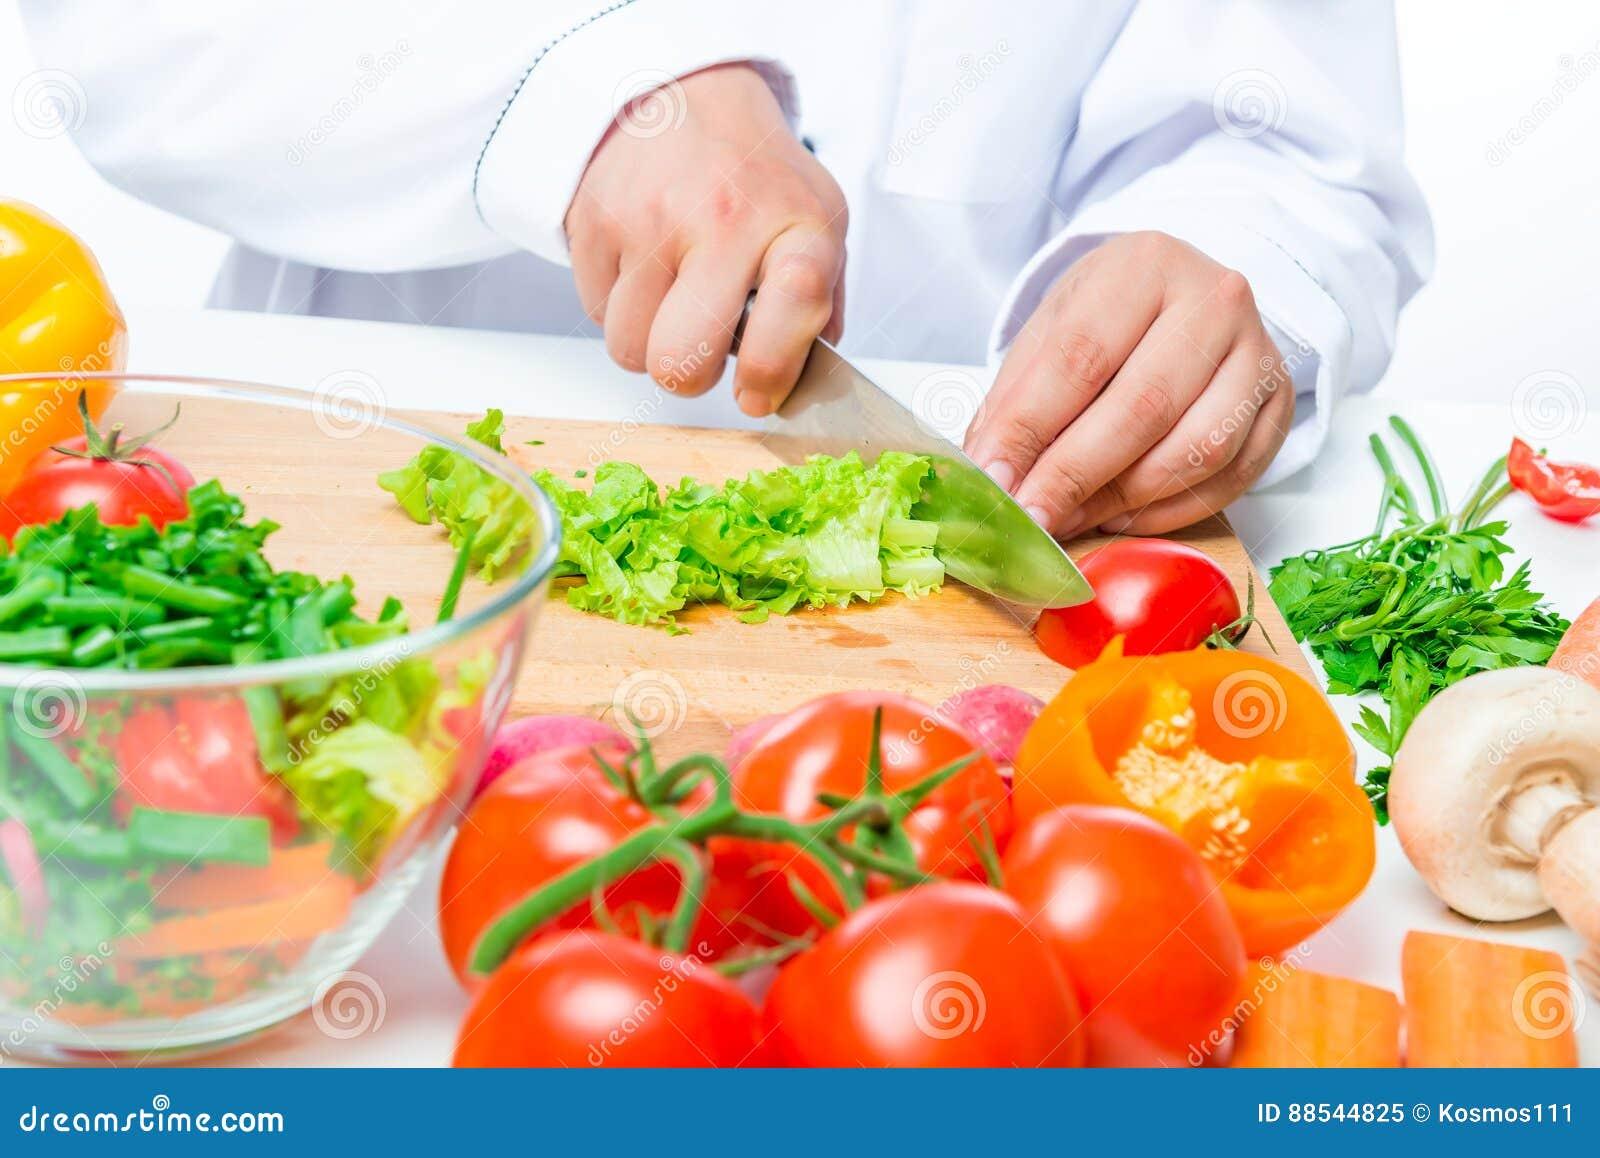 Gehackte Kopfsalat- und Kochhand mit einem Messer